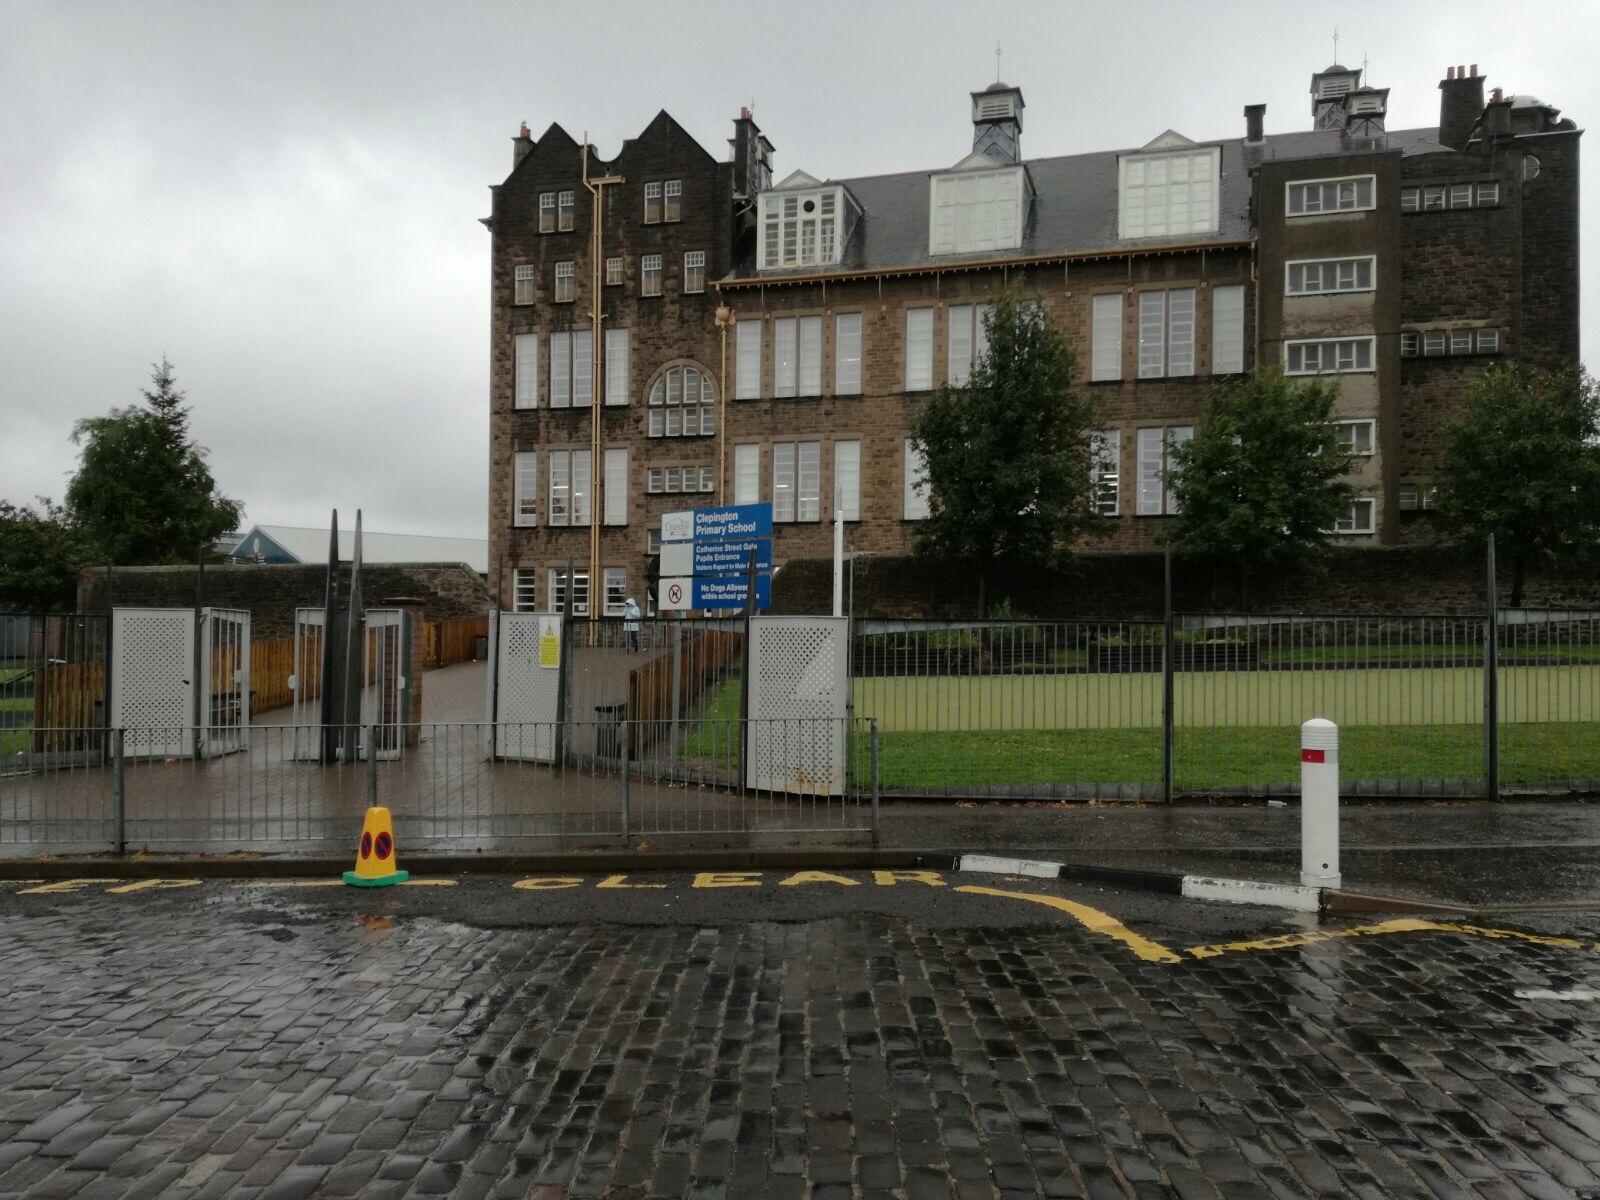 Clepington Primary School.